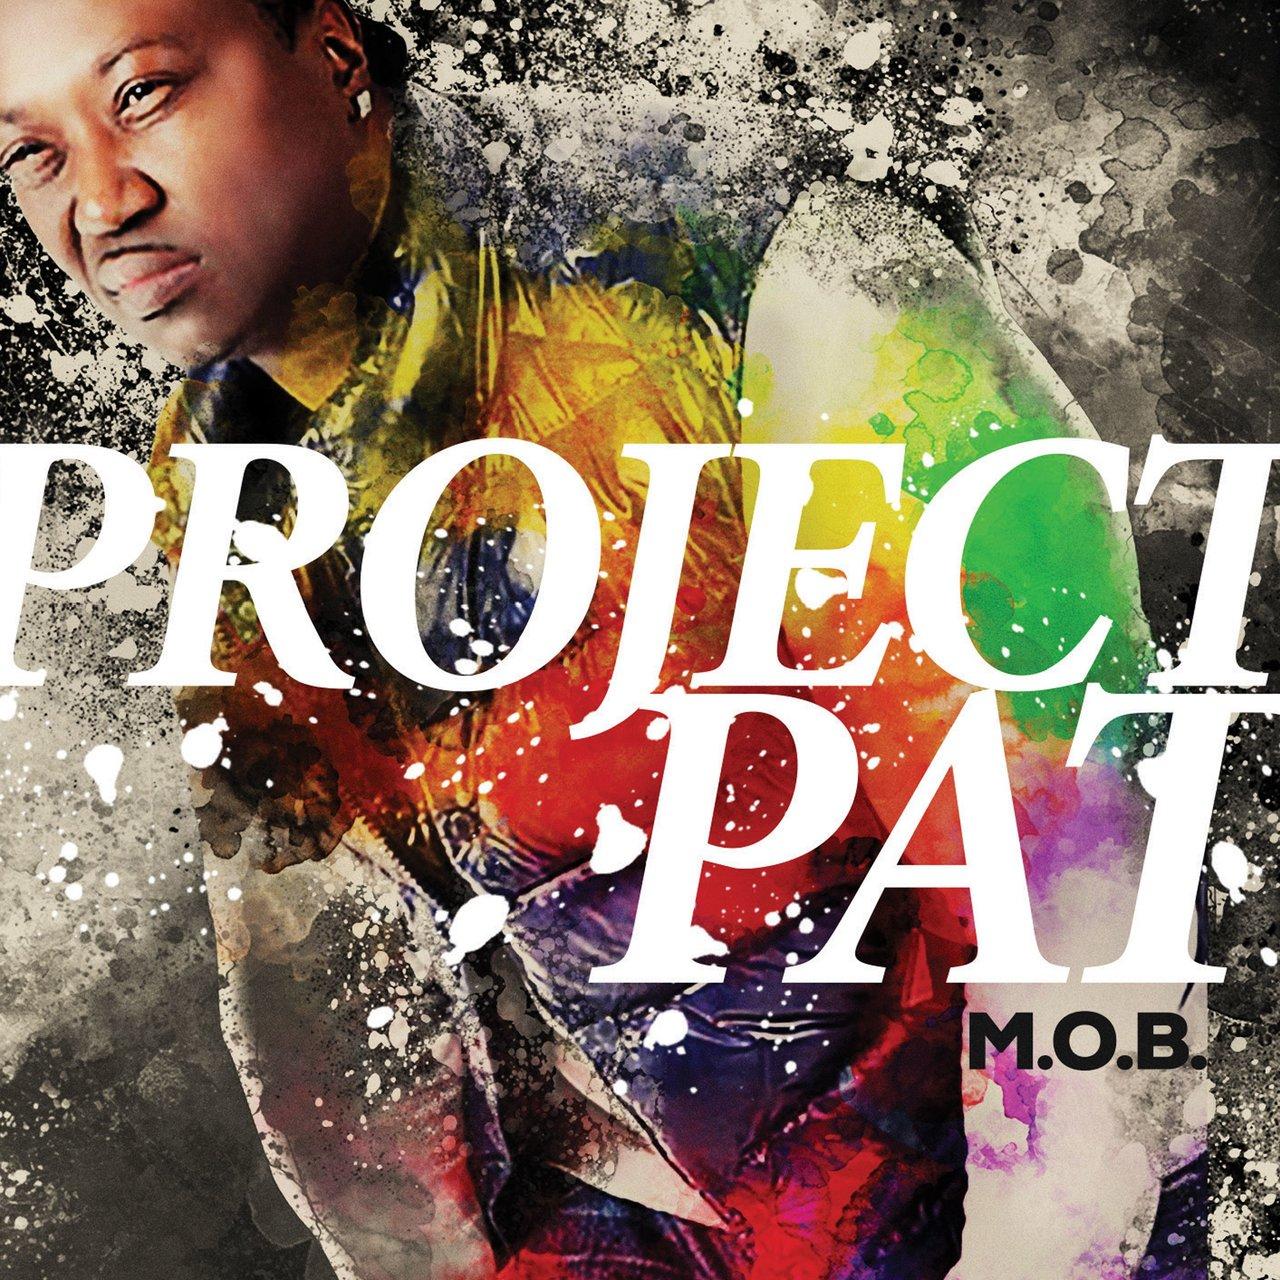 Project pat shut ya mouth bitch — 8